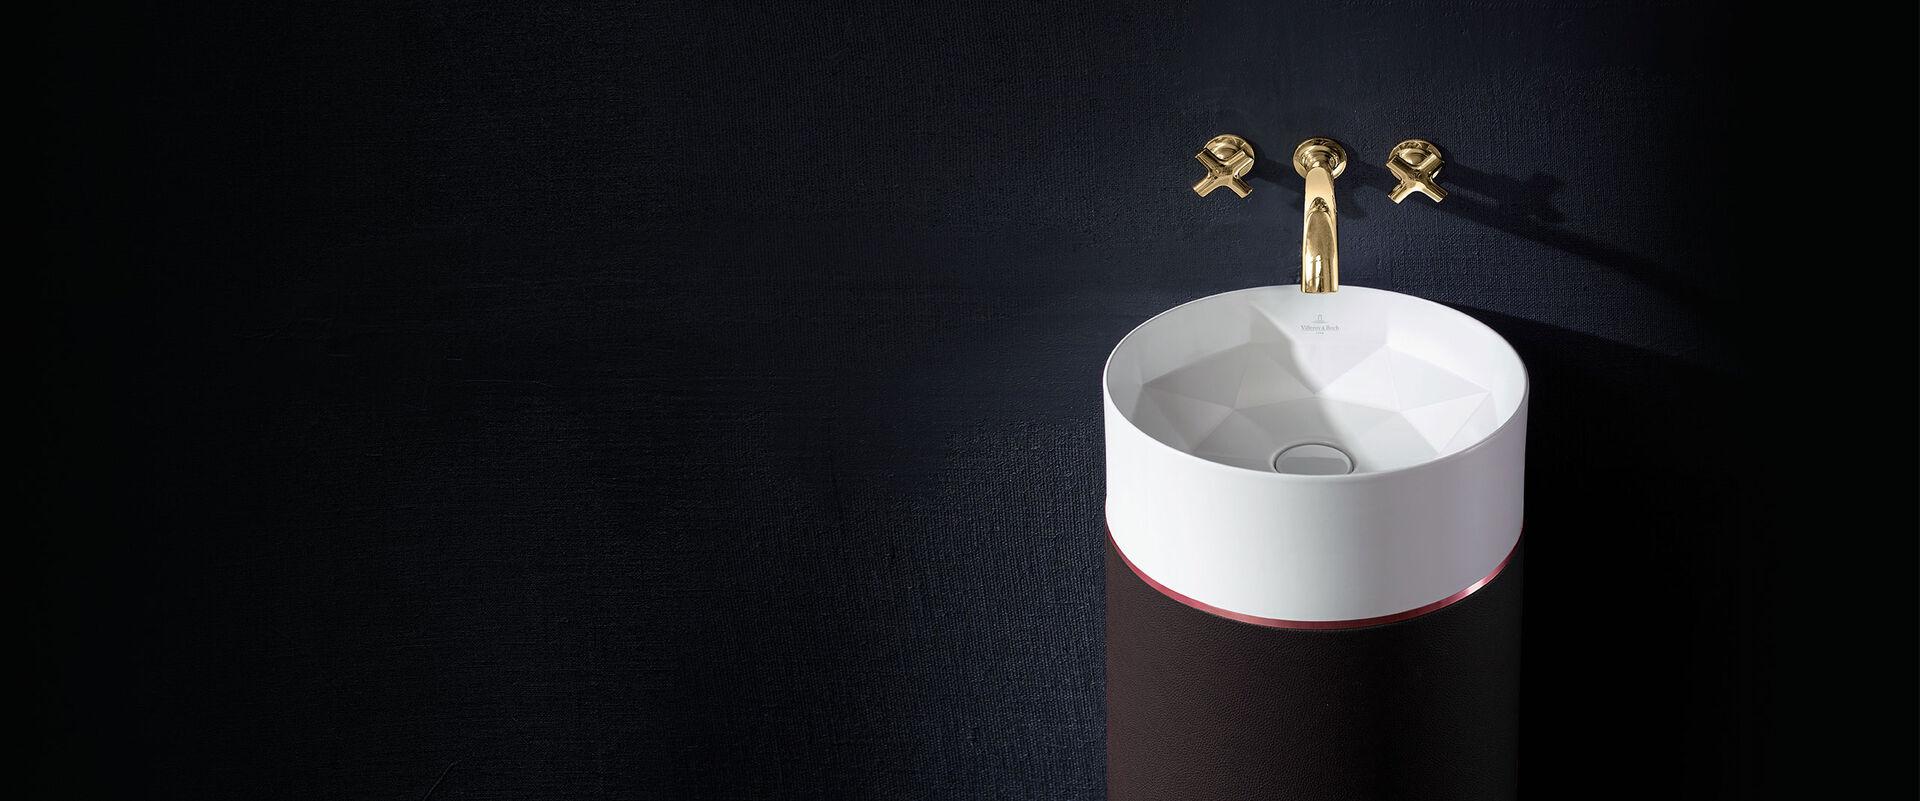 octagon das einzigartige waschbecken von villeroy boch. Black Bedroom Furniture Sets. Home Design Ideas